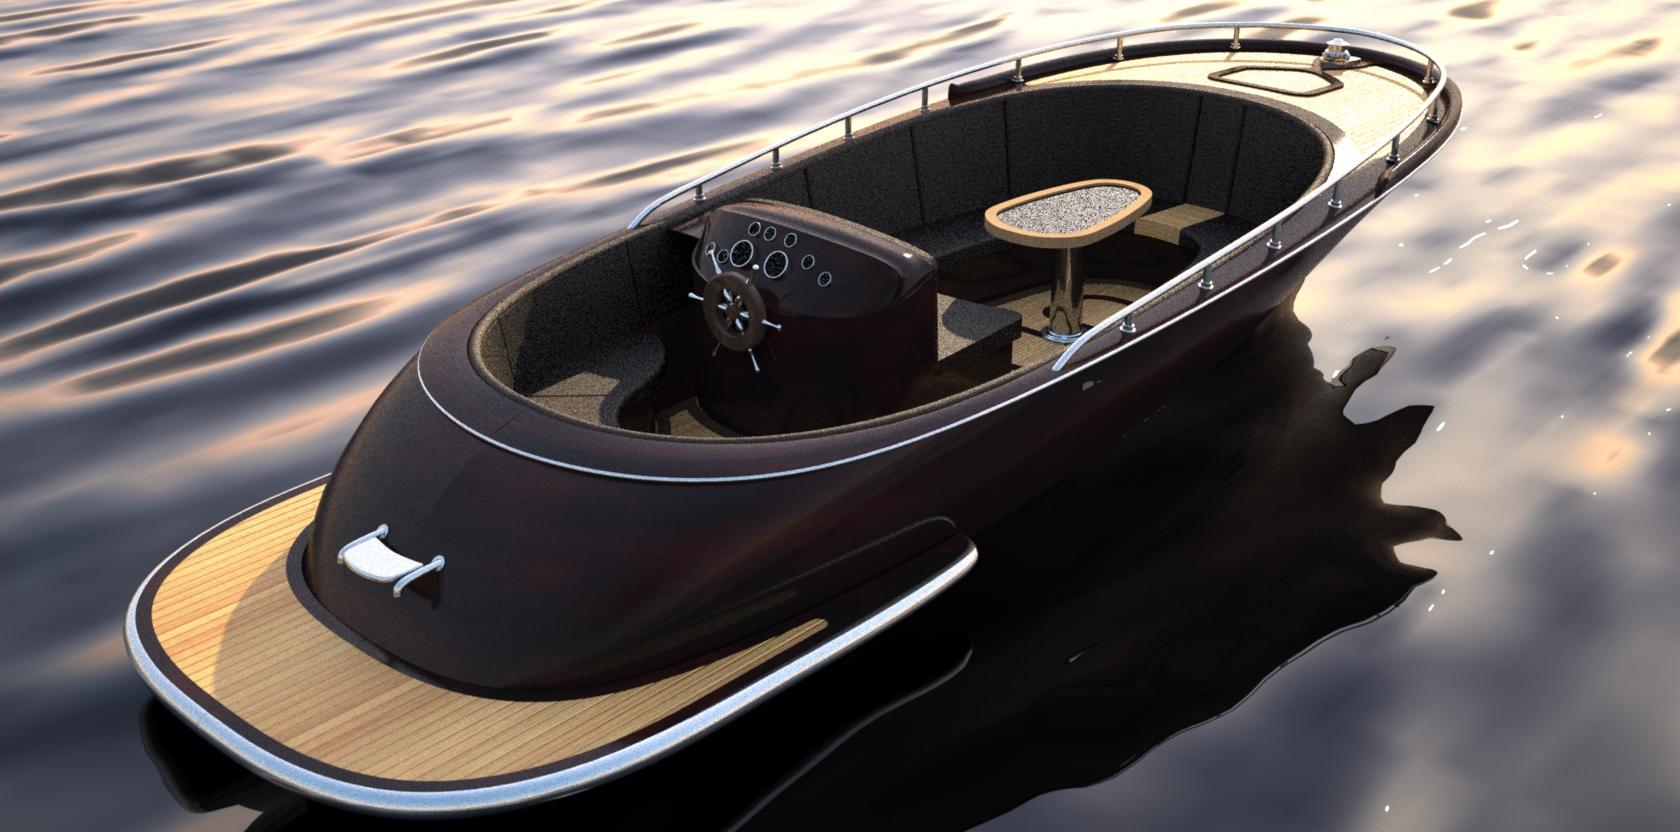 Barka boat